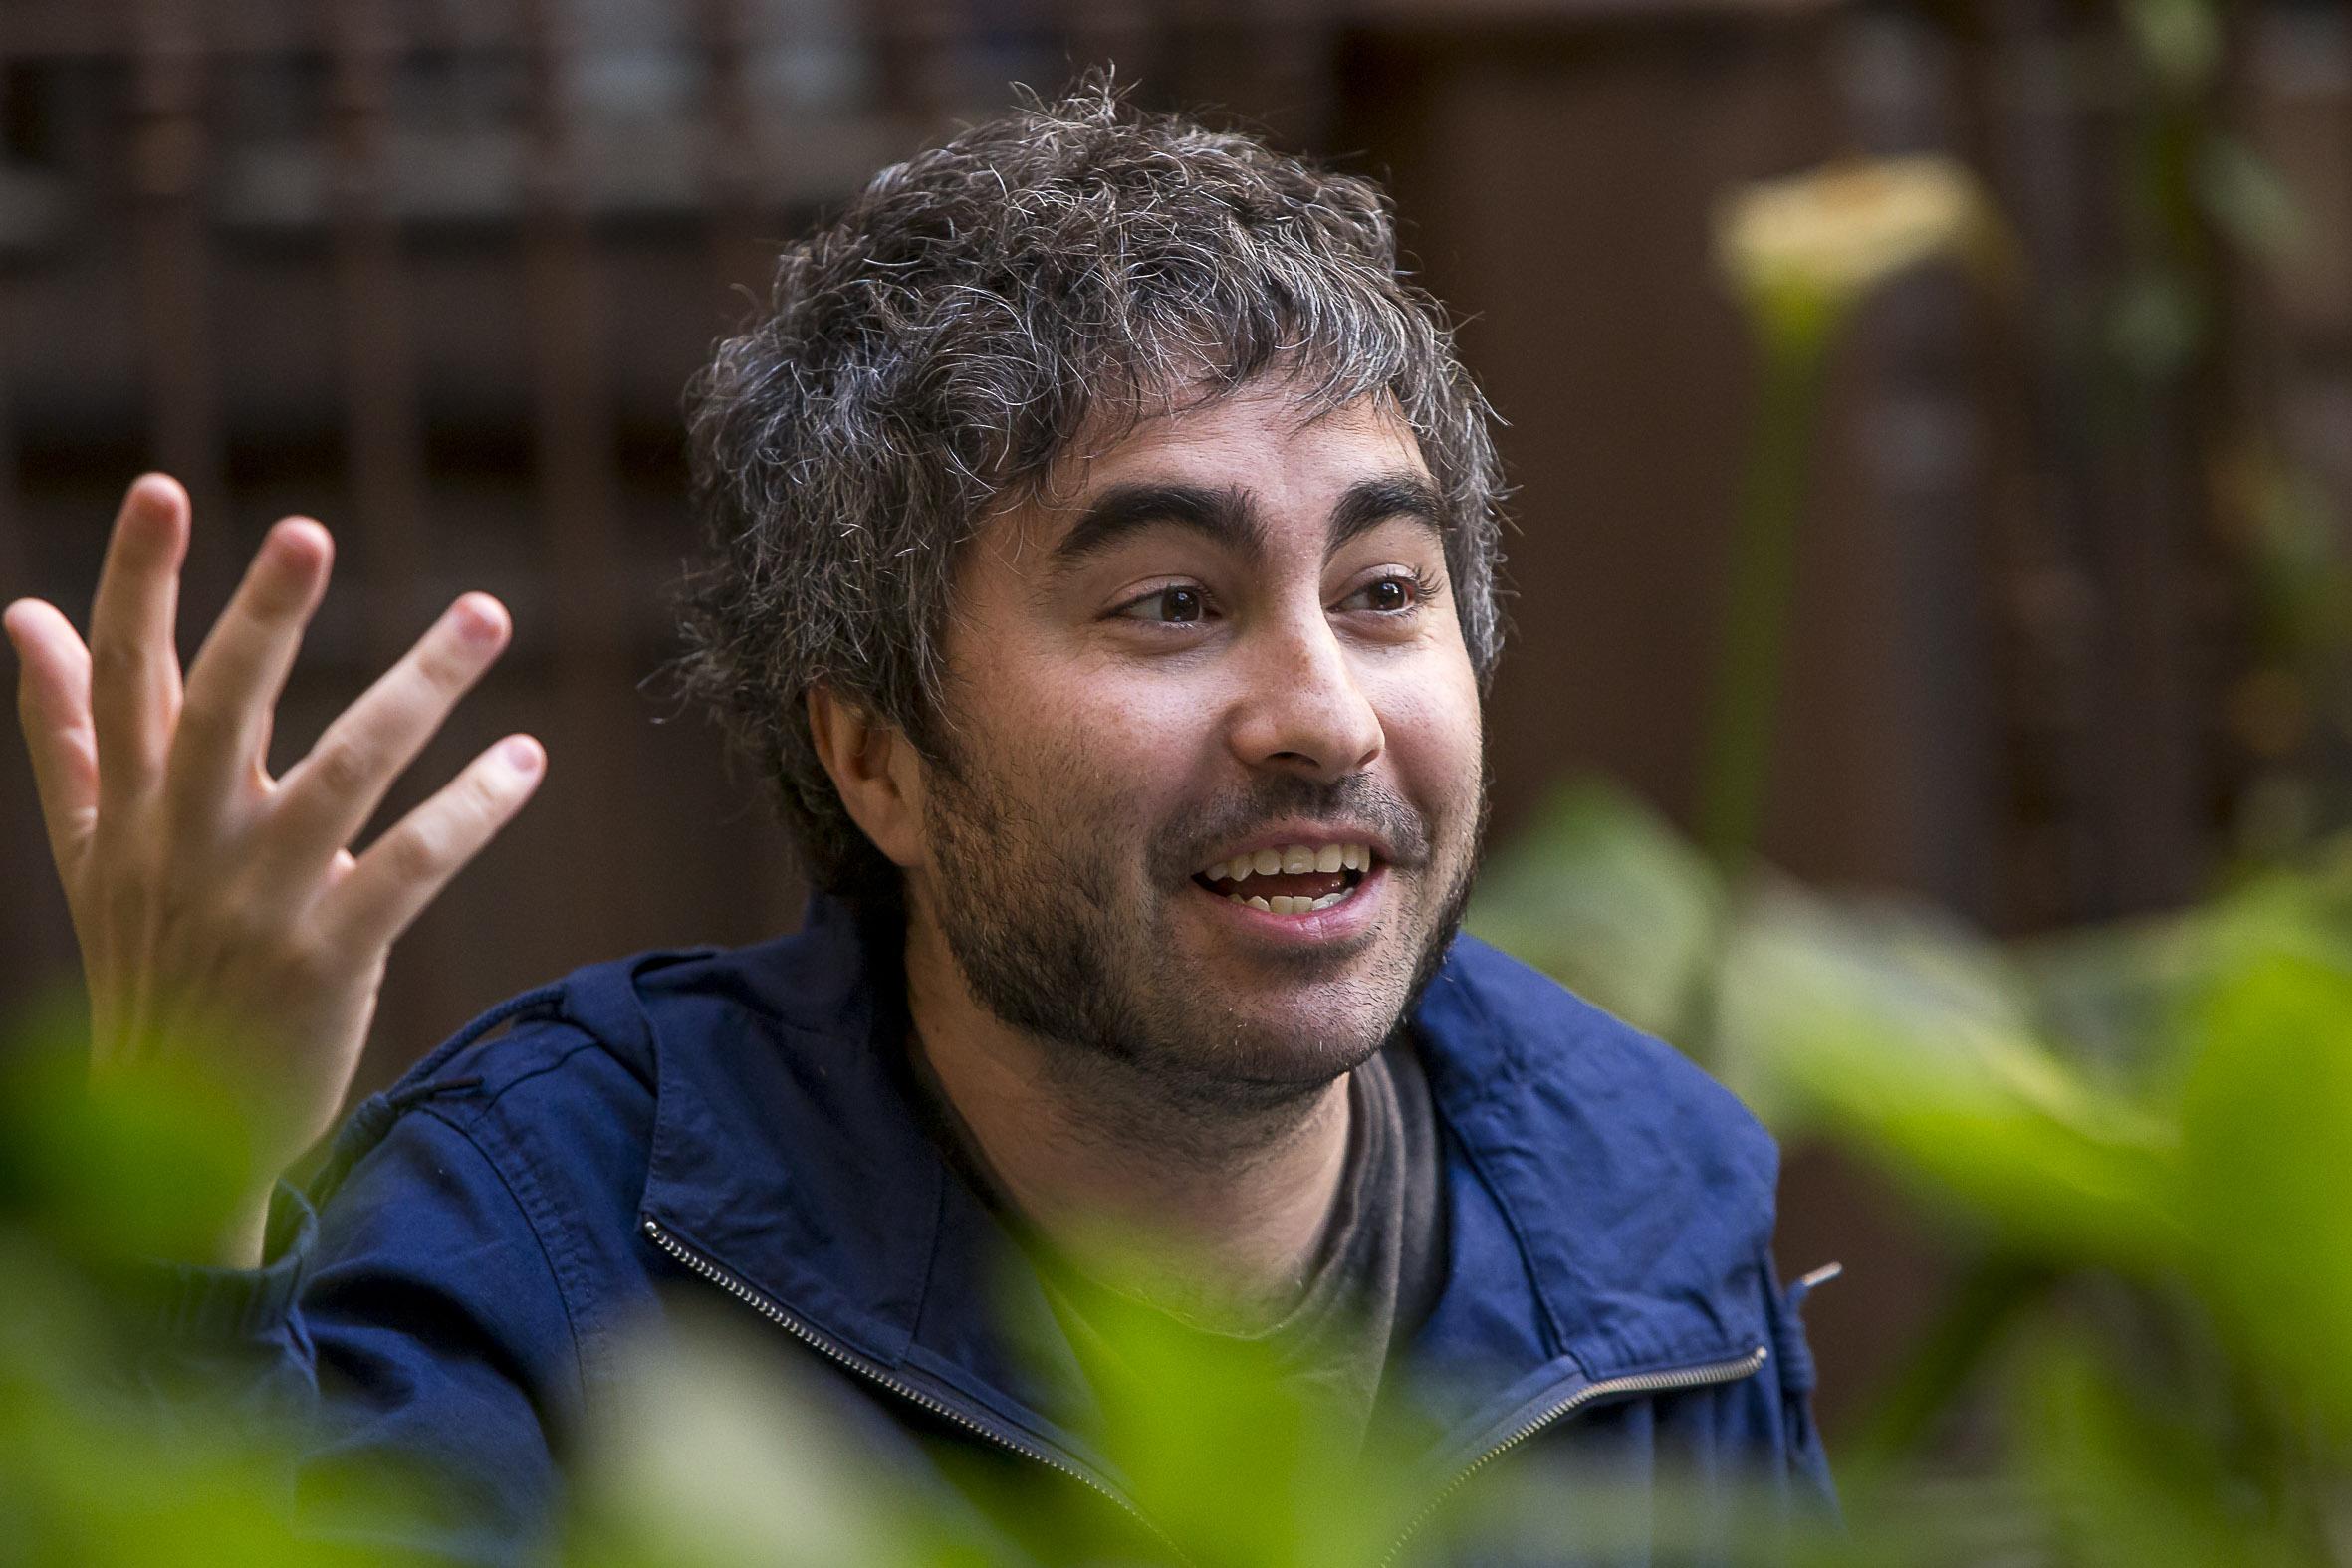 Gerardo Tece